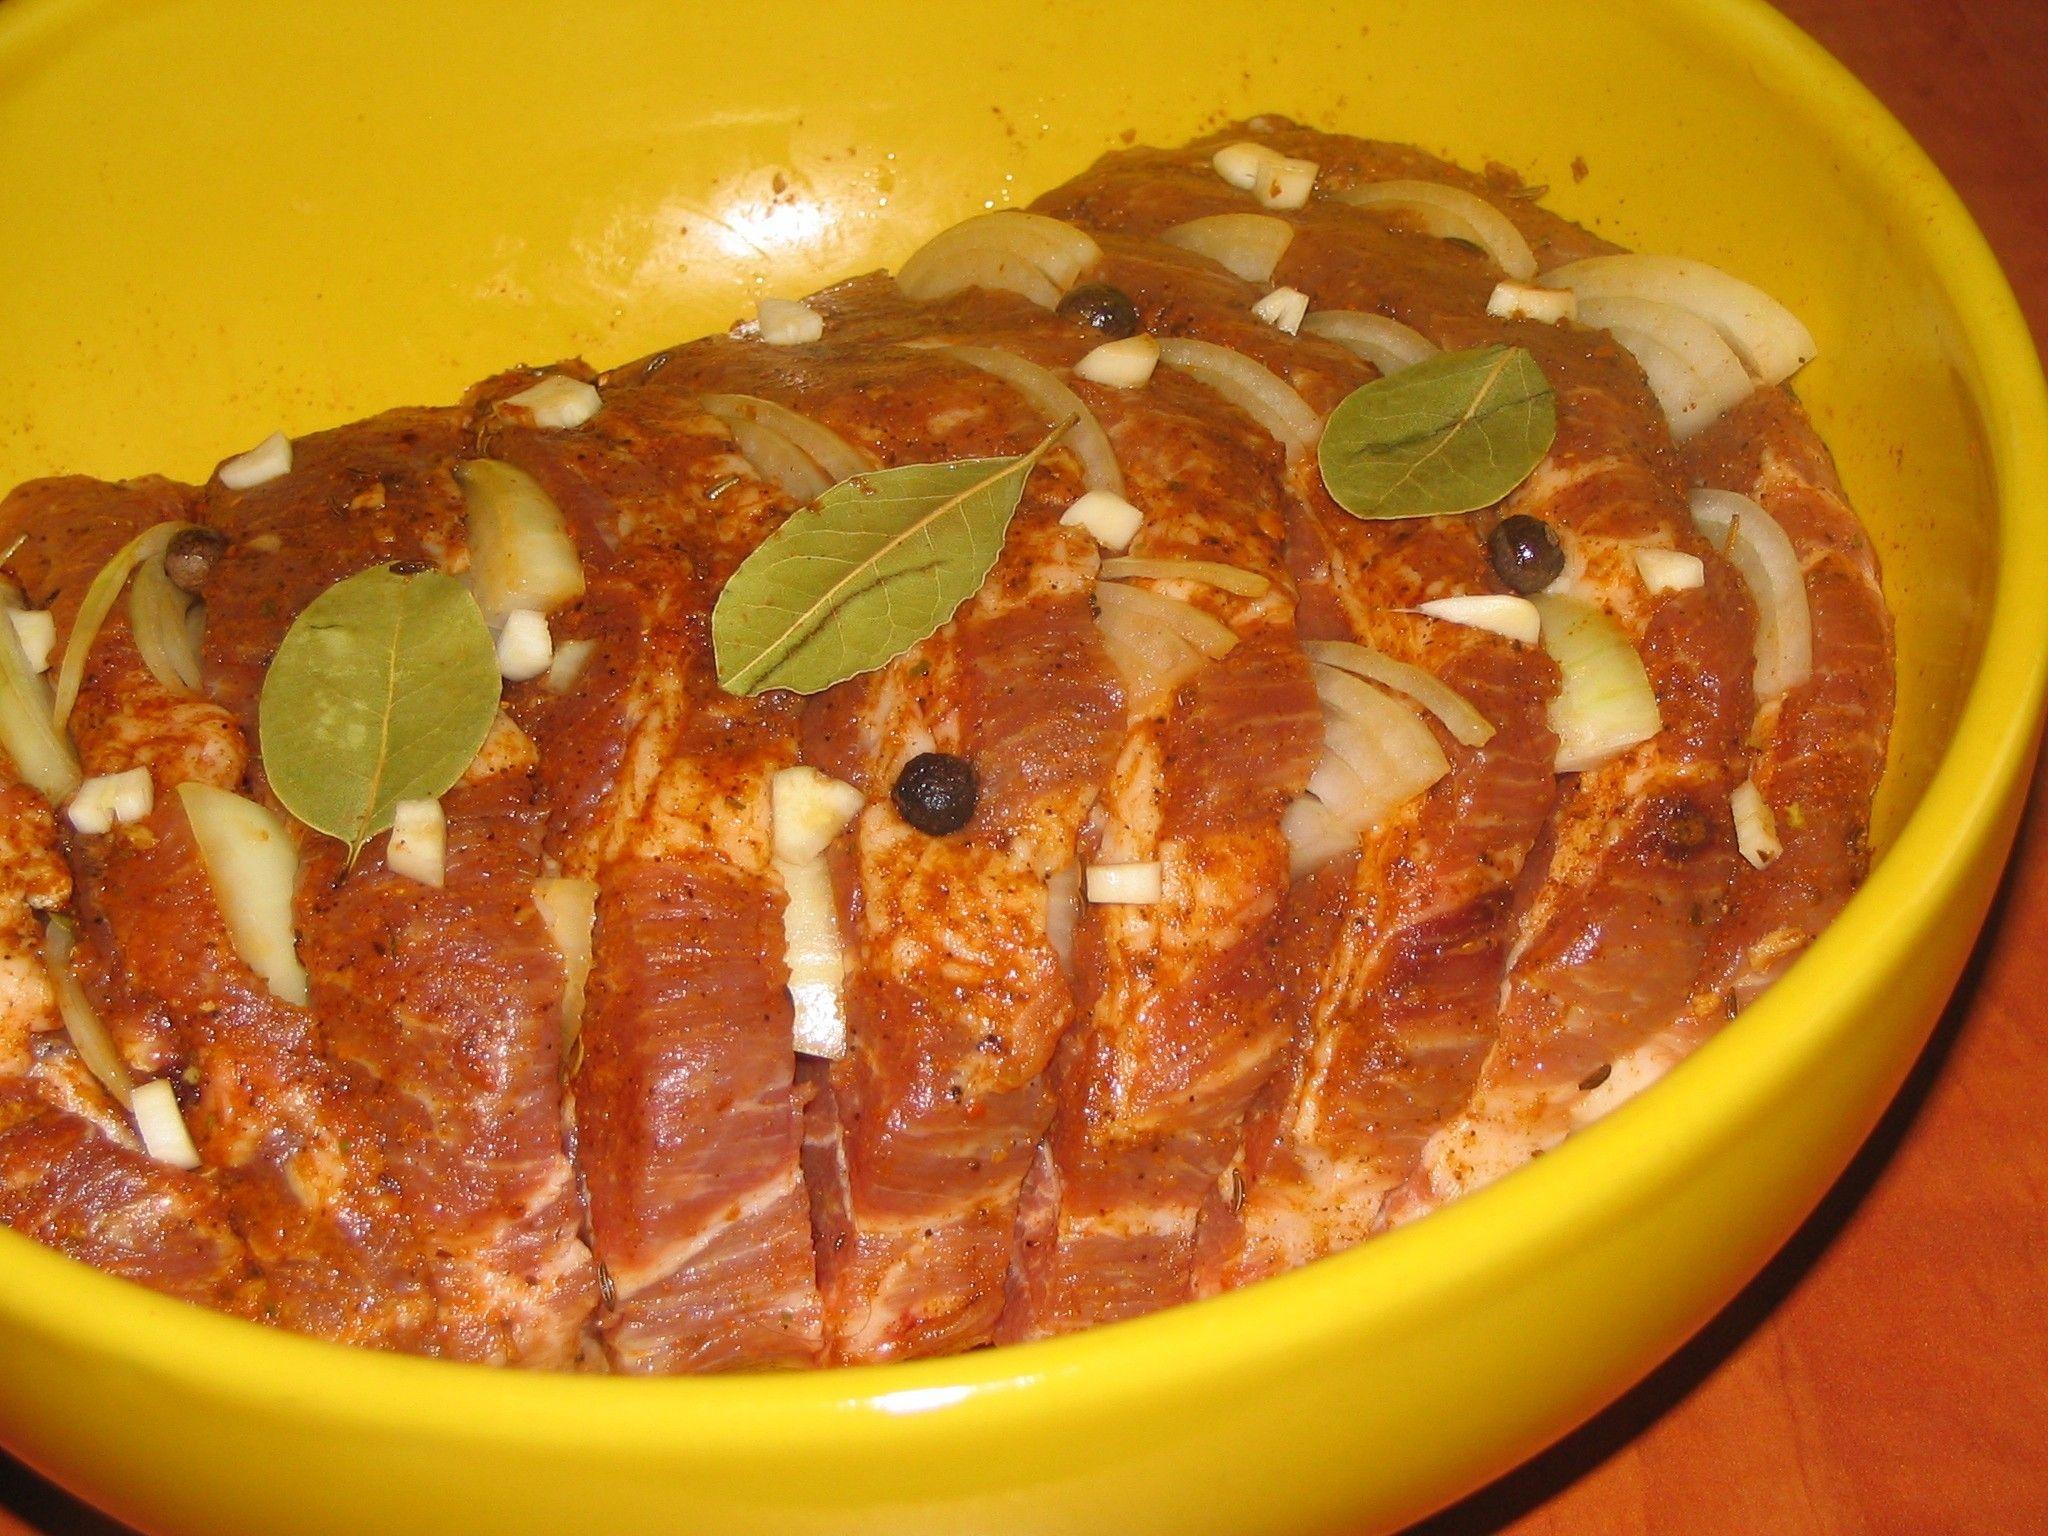 Sommergerichte Mit Schweinefleisch : Karkówka pieczona w kapuście qchenne kaprysy fest pinterest